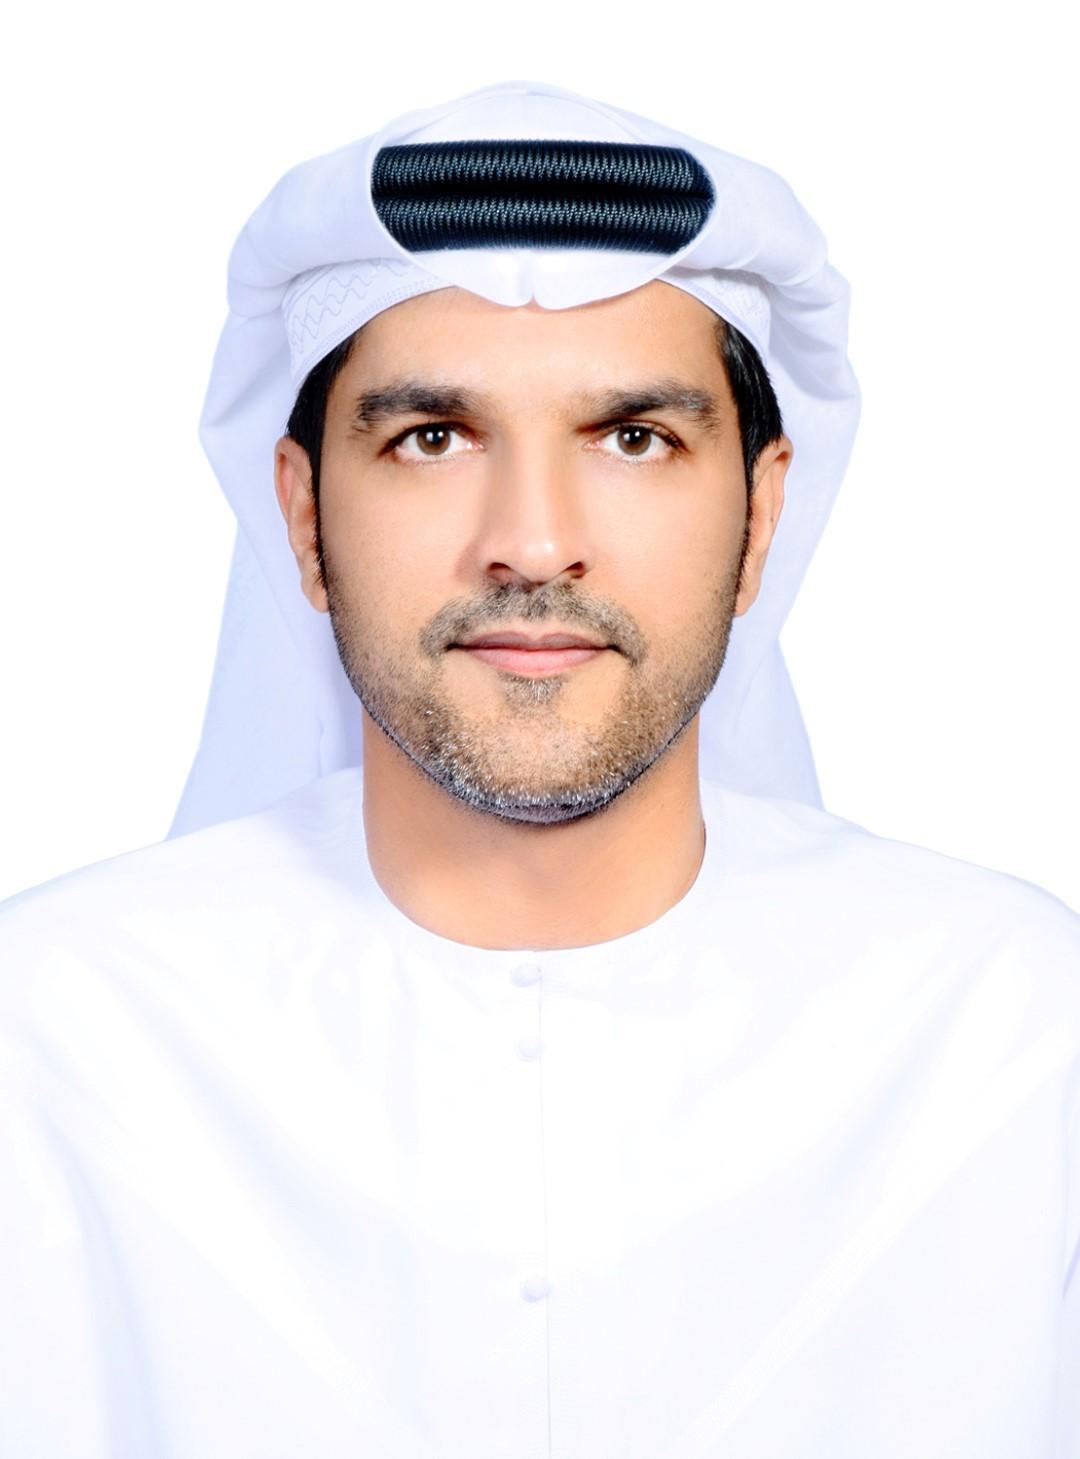 عبدالله المرزوقي مدير ثانويات التكنولوجيا التطبيقية بالإنابة (large)